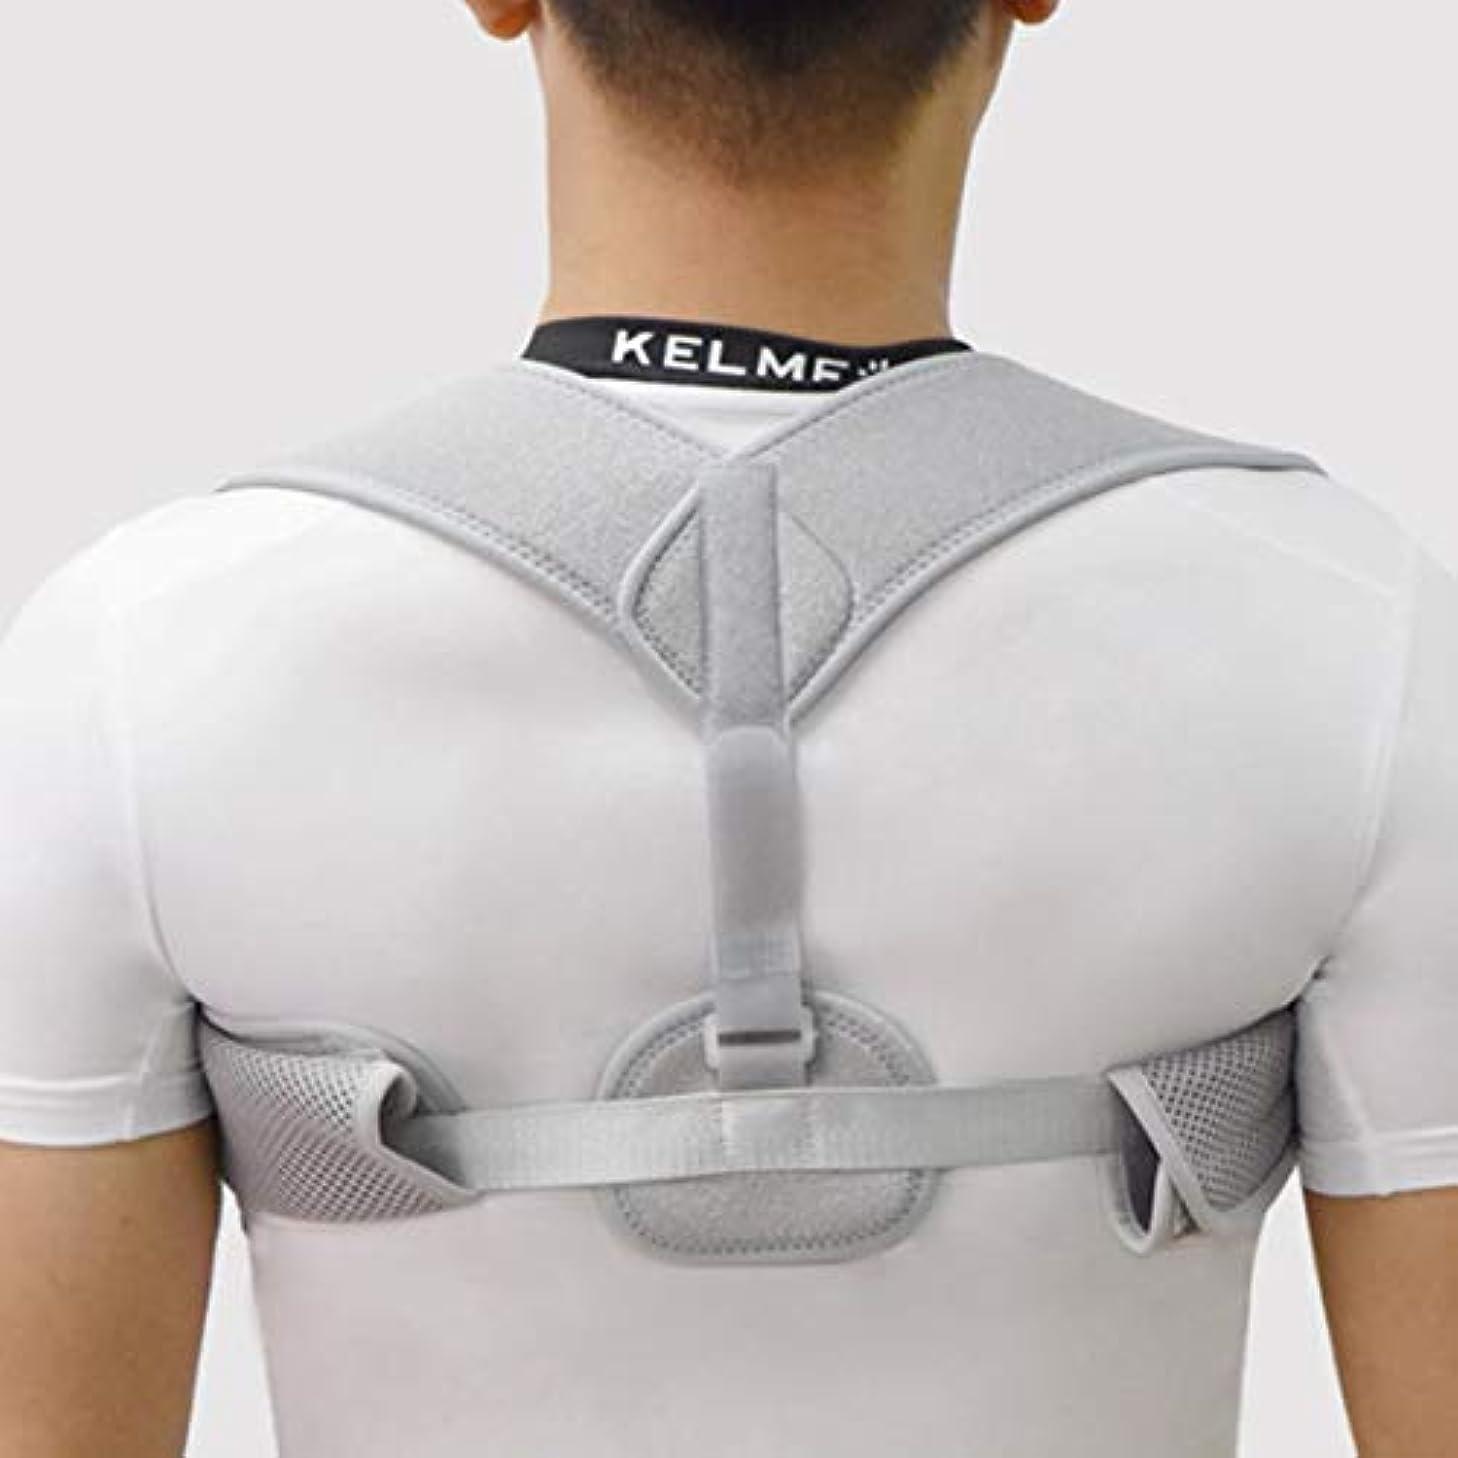 ベーリング海峡寝室を掃除するスポンジ新しいアッパーバックポスチャーコレクター姿勢鎖骨サポートコレクターバックストレート肩ブレースストラップコレクター耐久性 - グレー